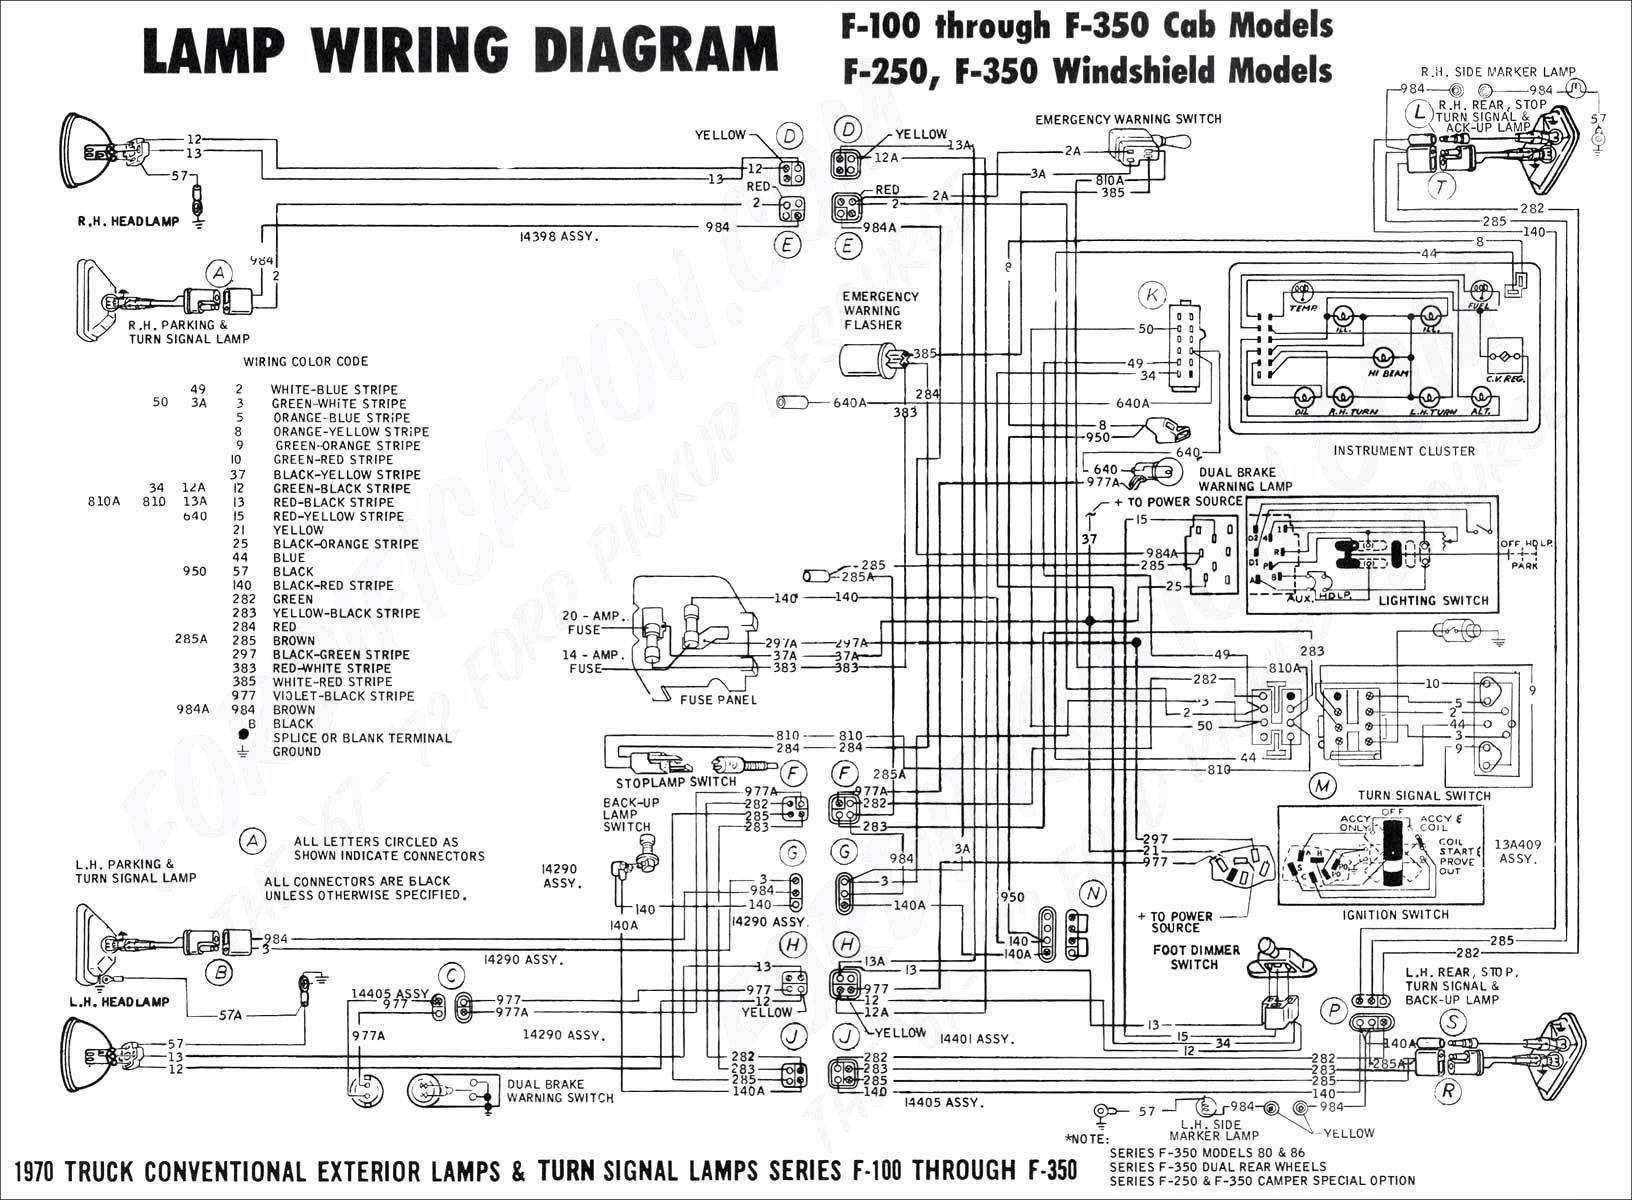 Wiring Diagram for Frigidaire Refrigerator Simple Audio Mixer Circuit Diagram Tradeofic Diagram Data Schema Of Wiring Diagram for Frigidaire Refrigerator